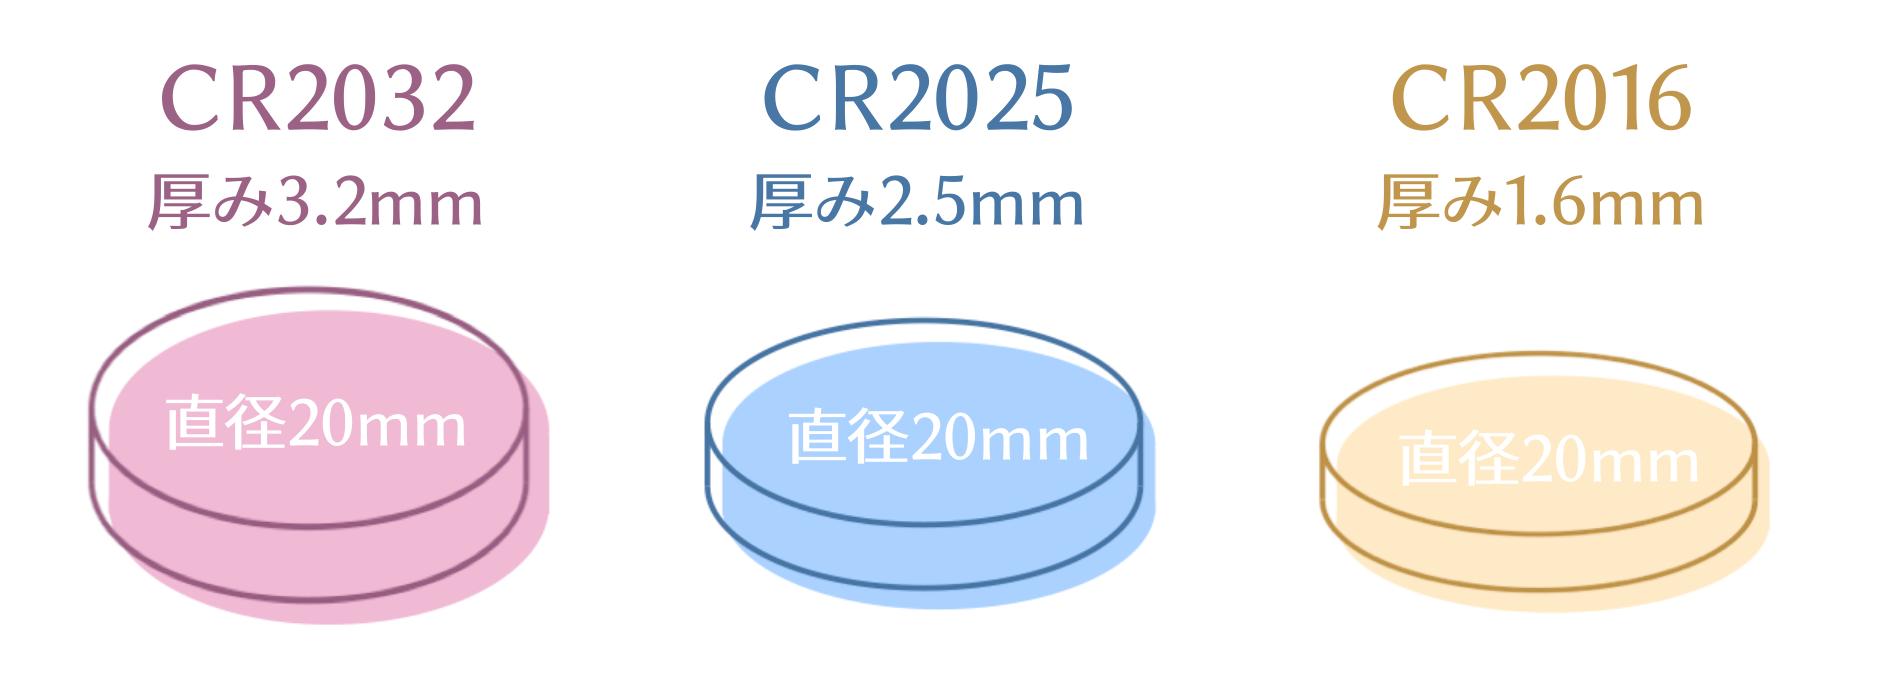 ダイソーのCR2032のサイズ比較